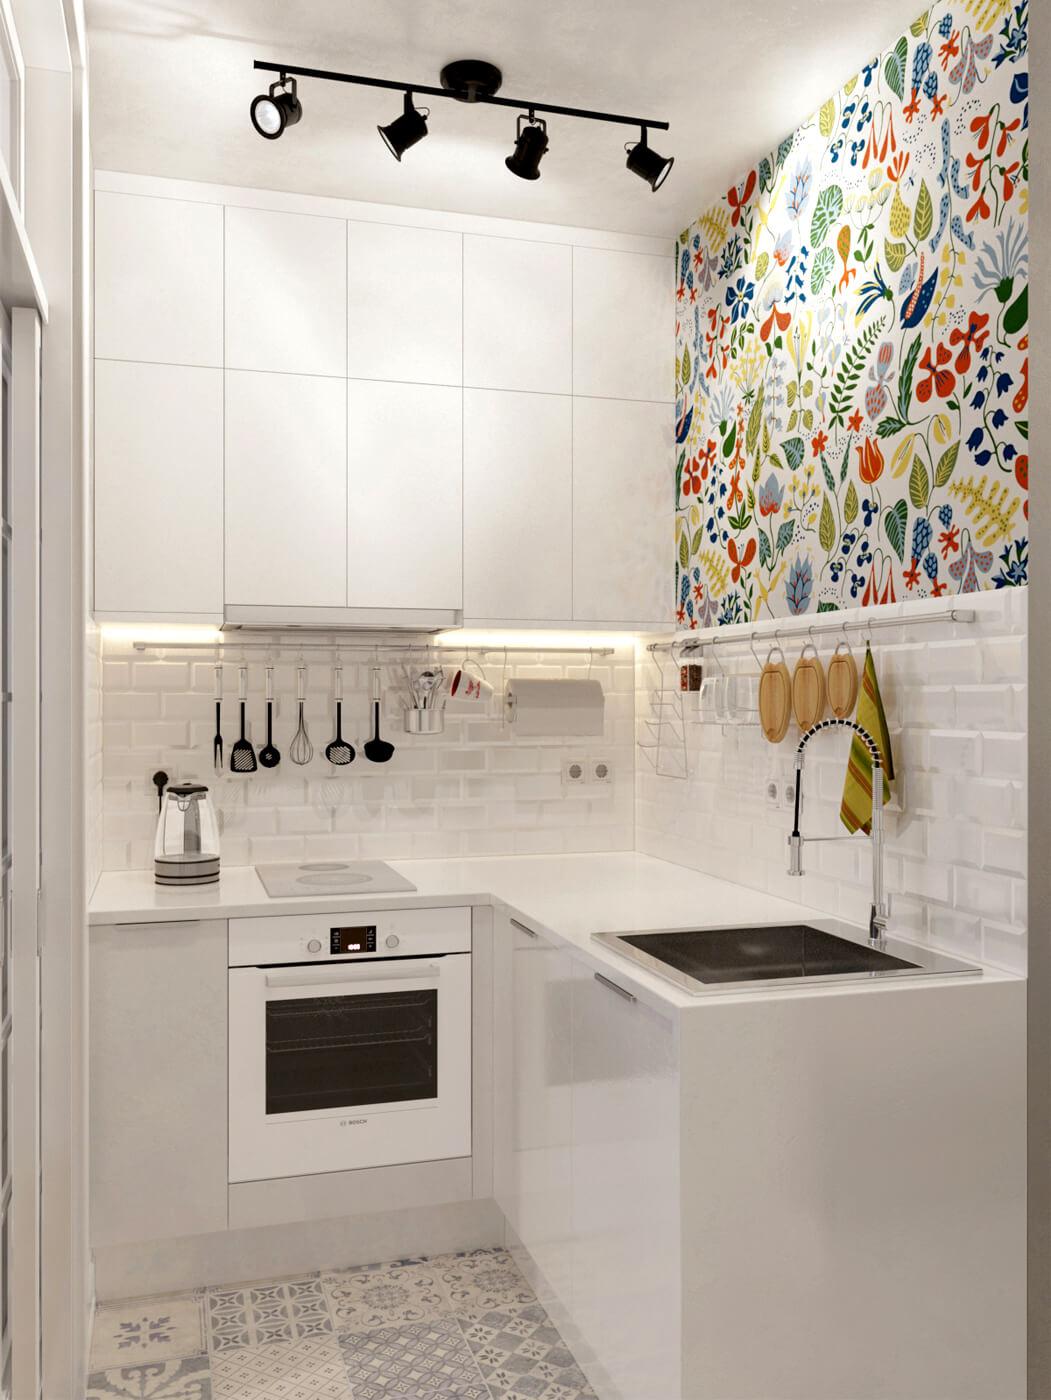 Iluminación interior - cocina